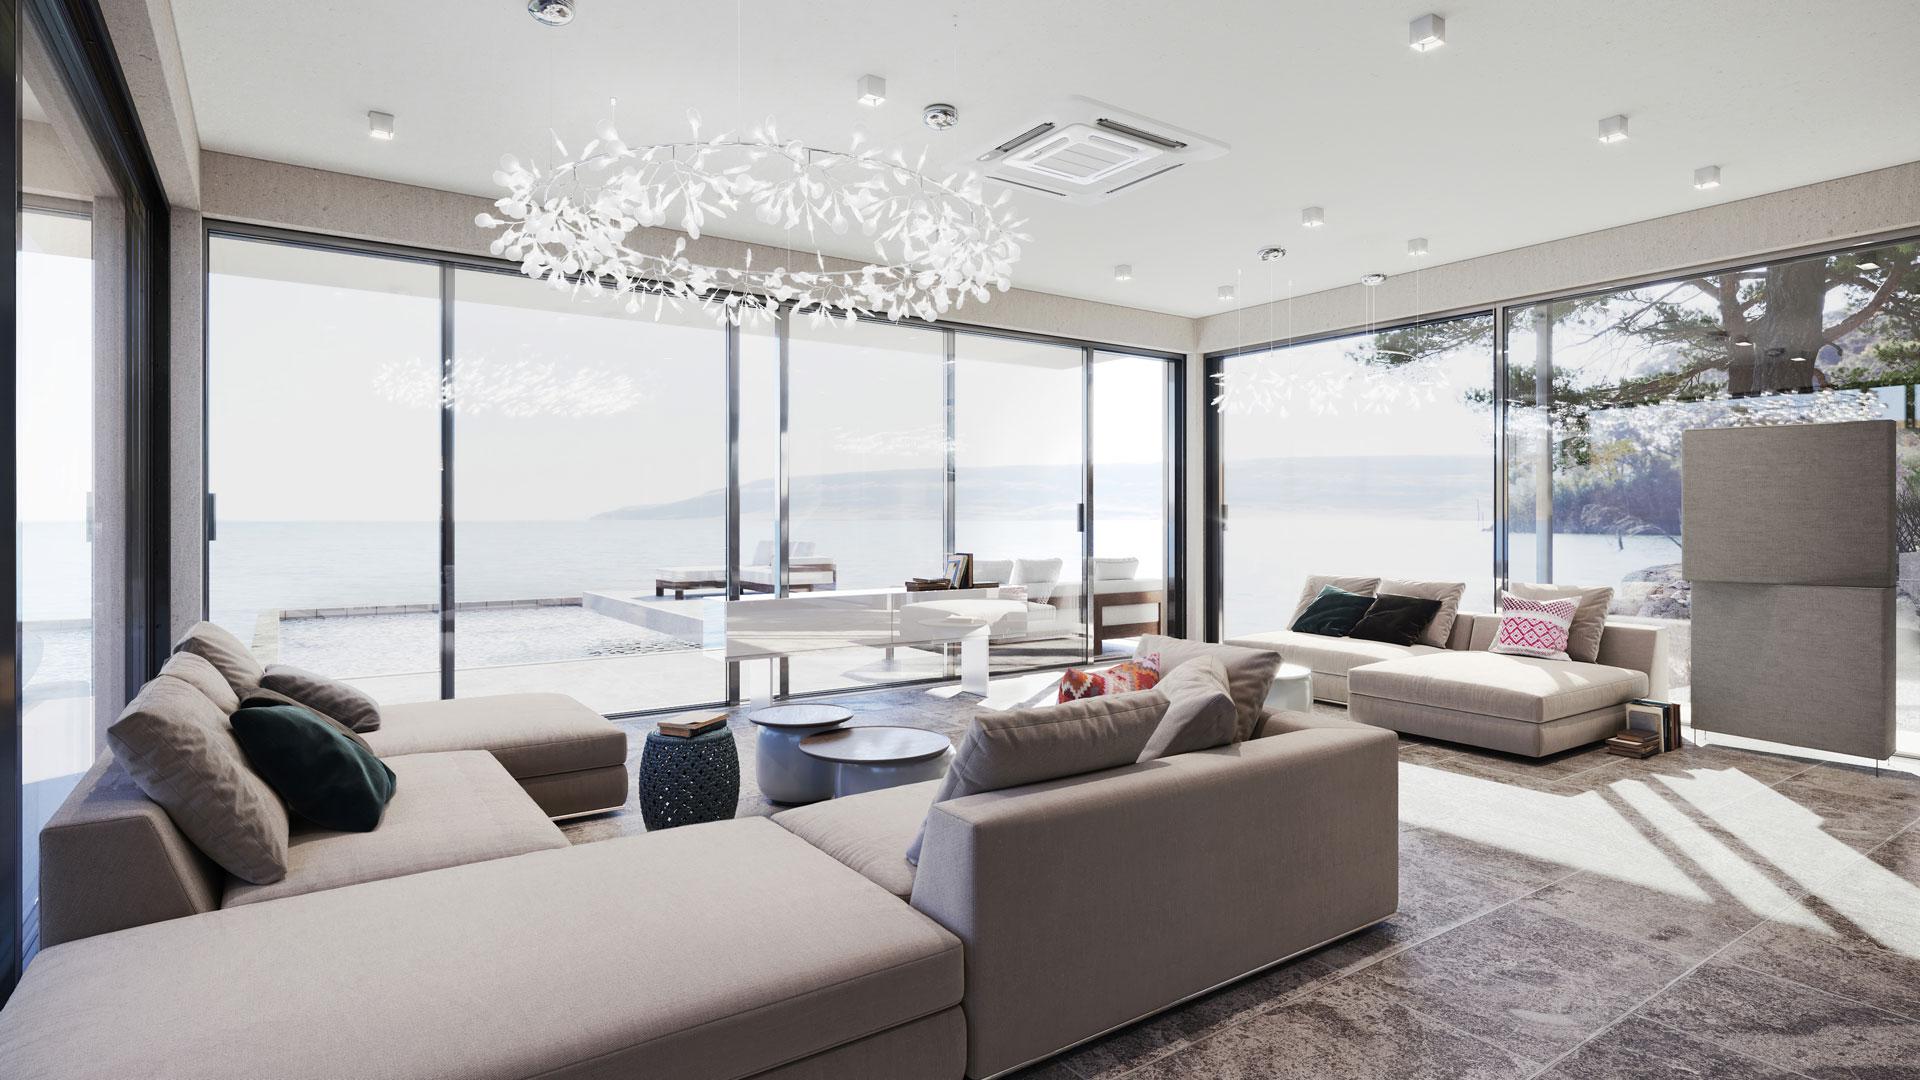 Architectural Render for a Villa Interior Design